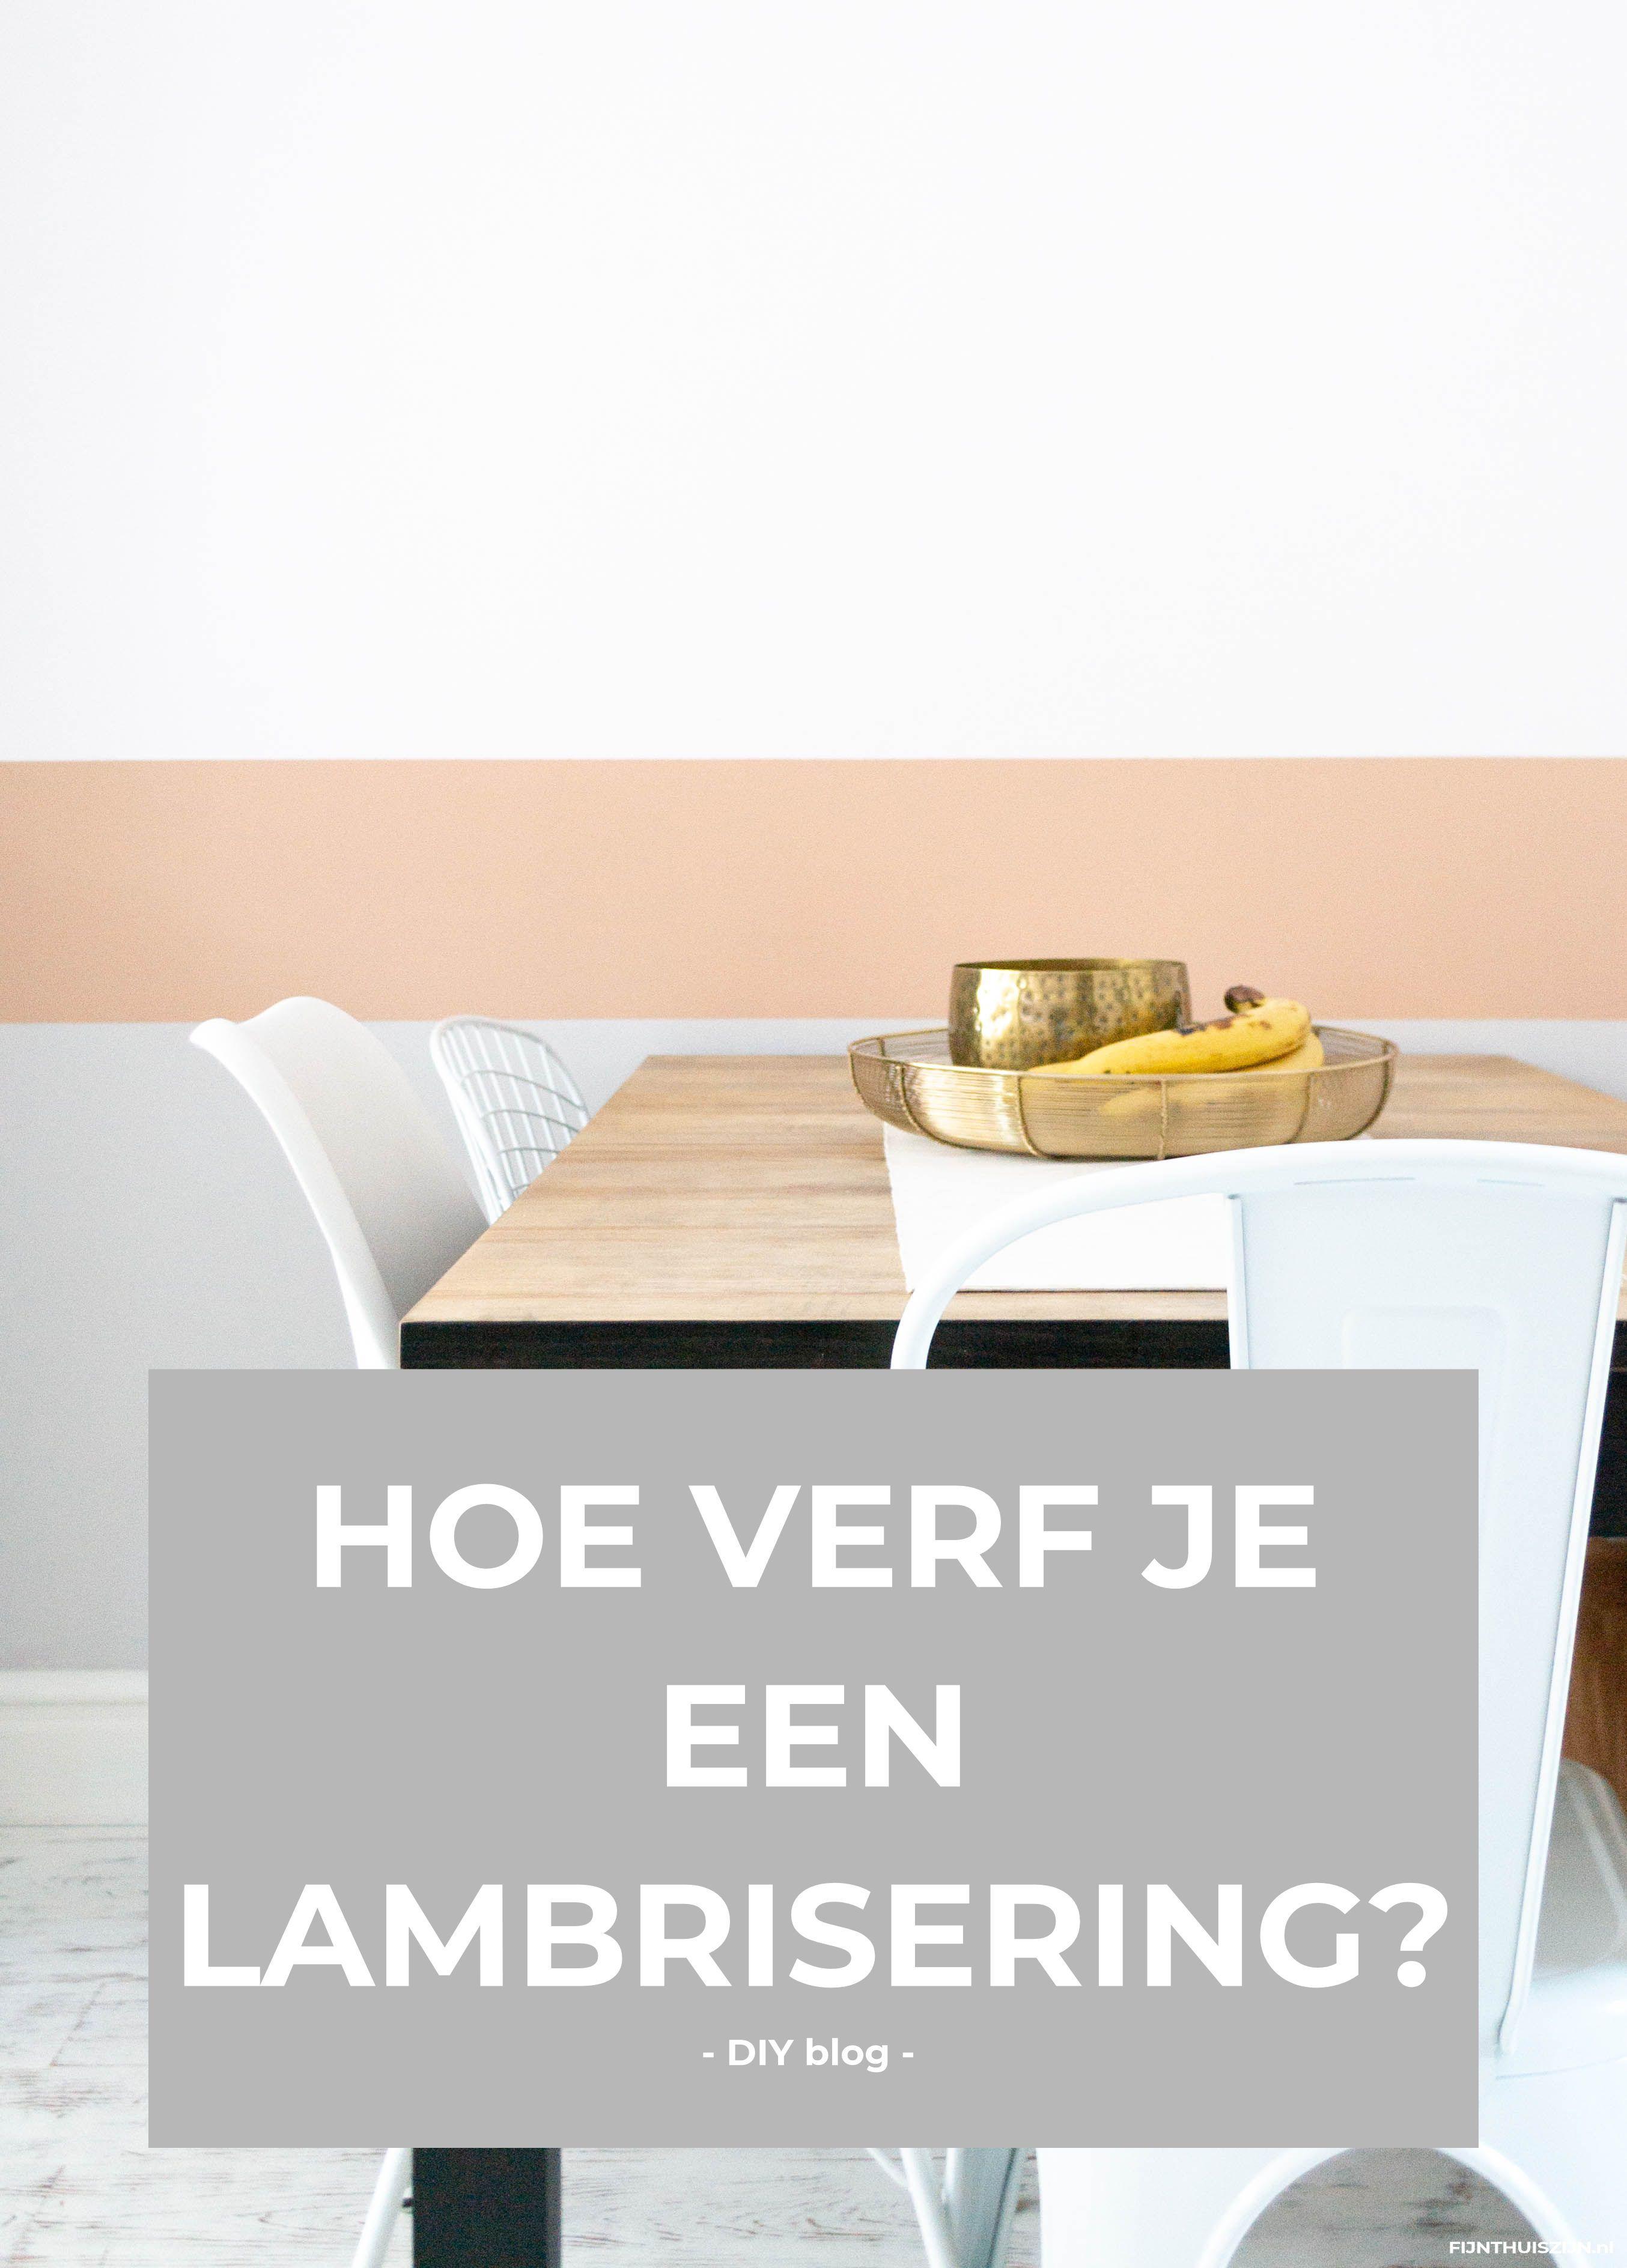 Hoe verf je een lambrisering? Lambrisering, Verf